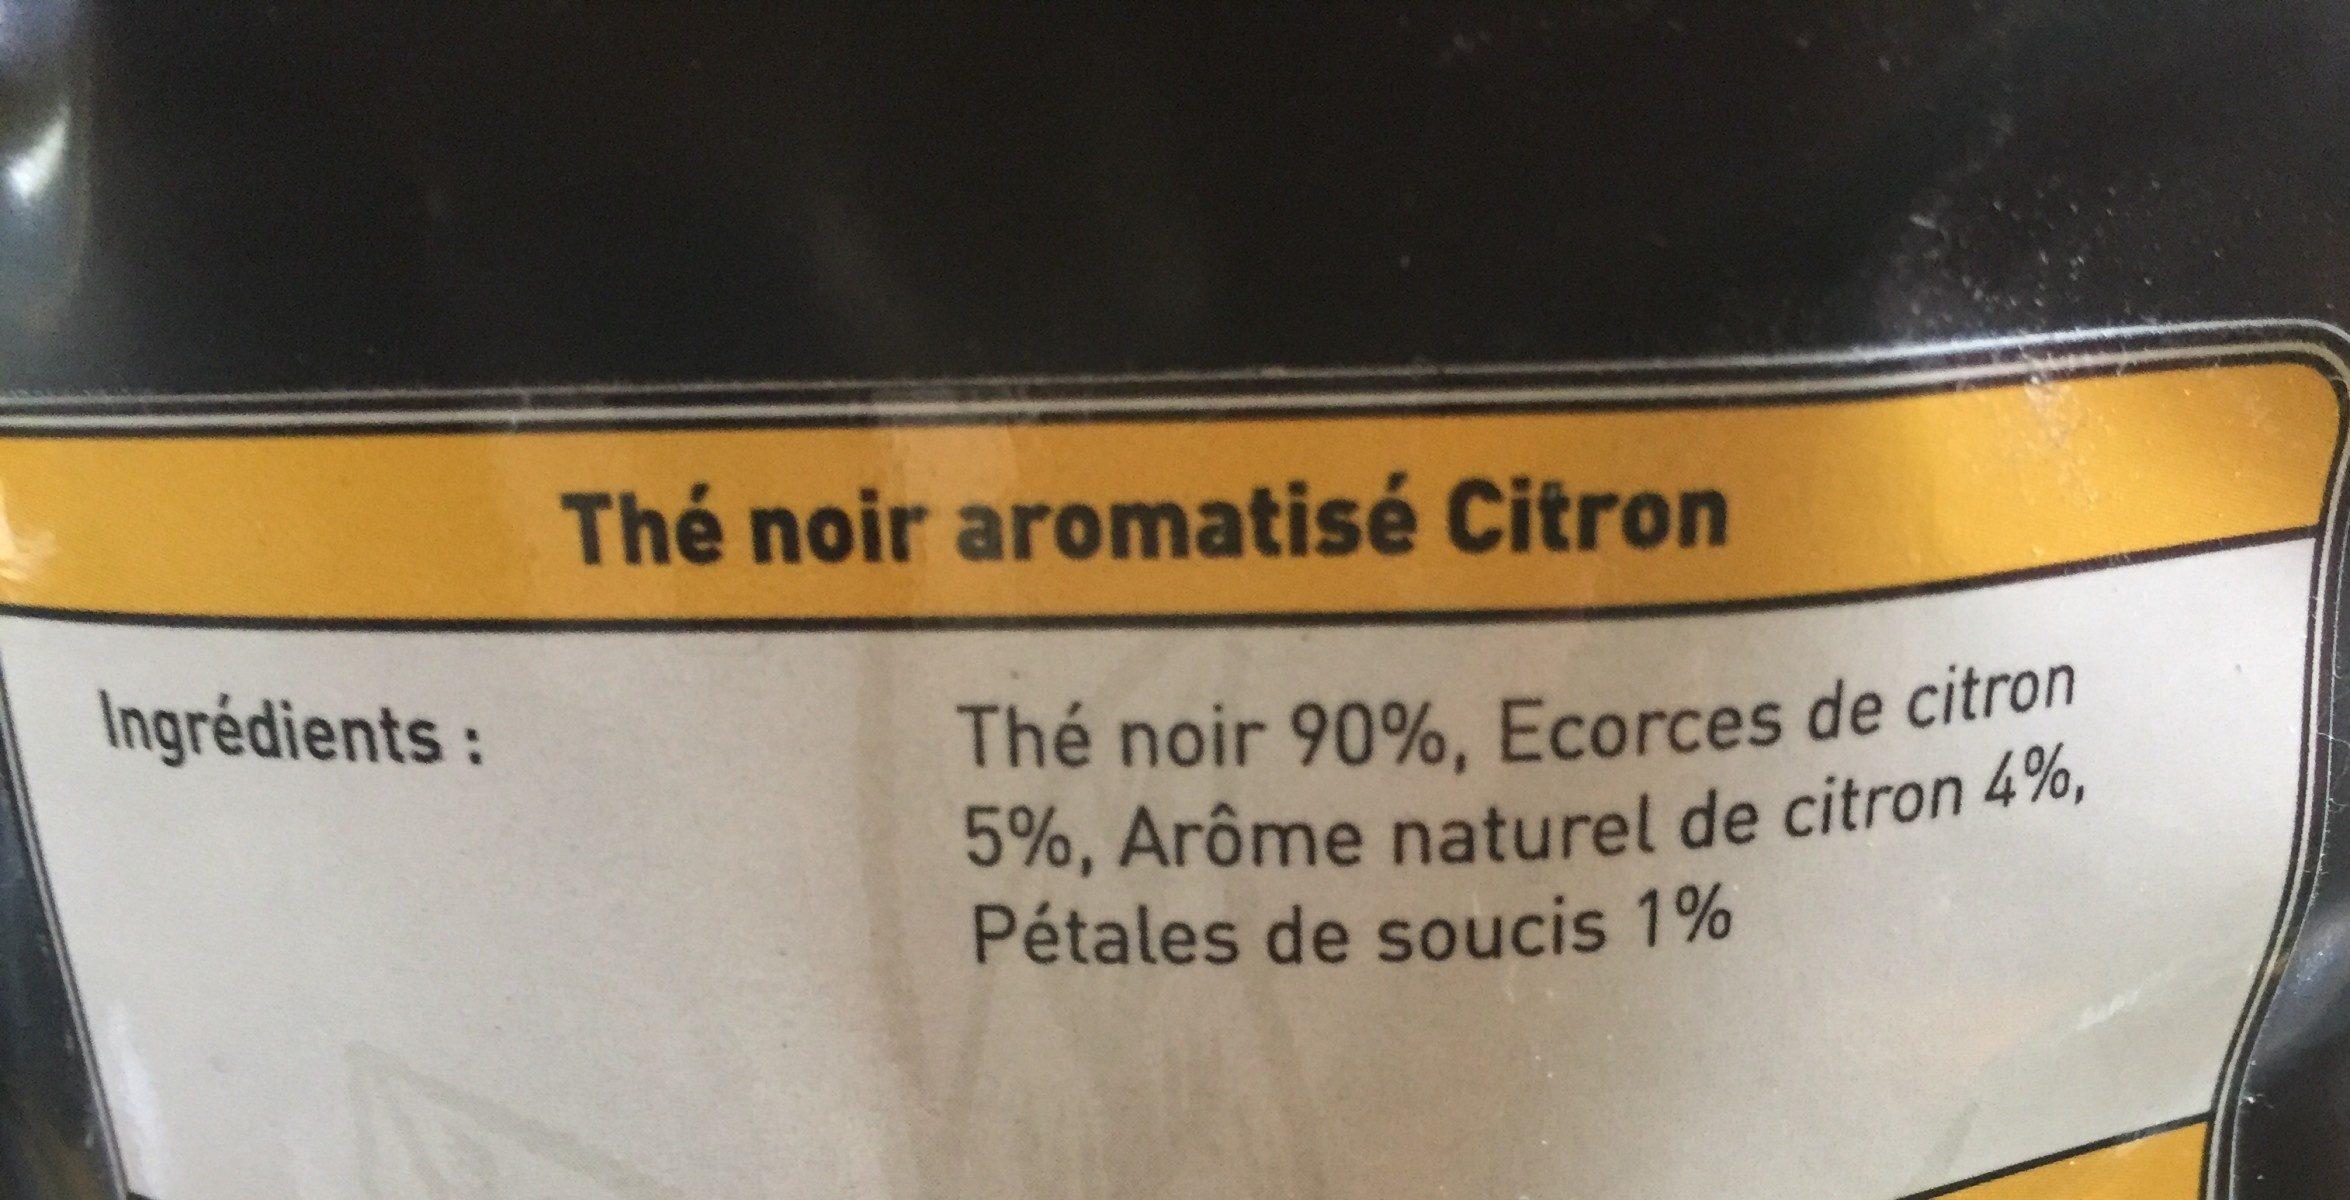 1336 - Thé noir aromatisé Citron - Ingredients - fr